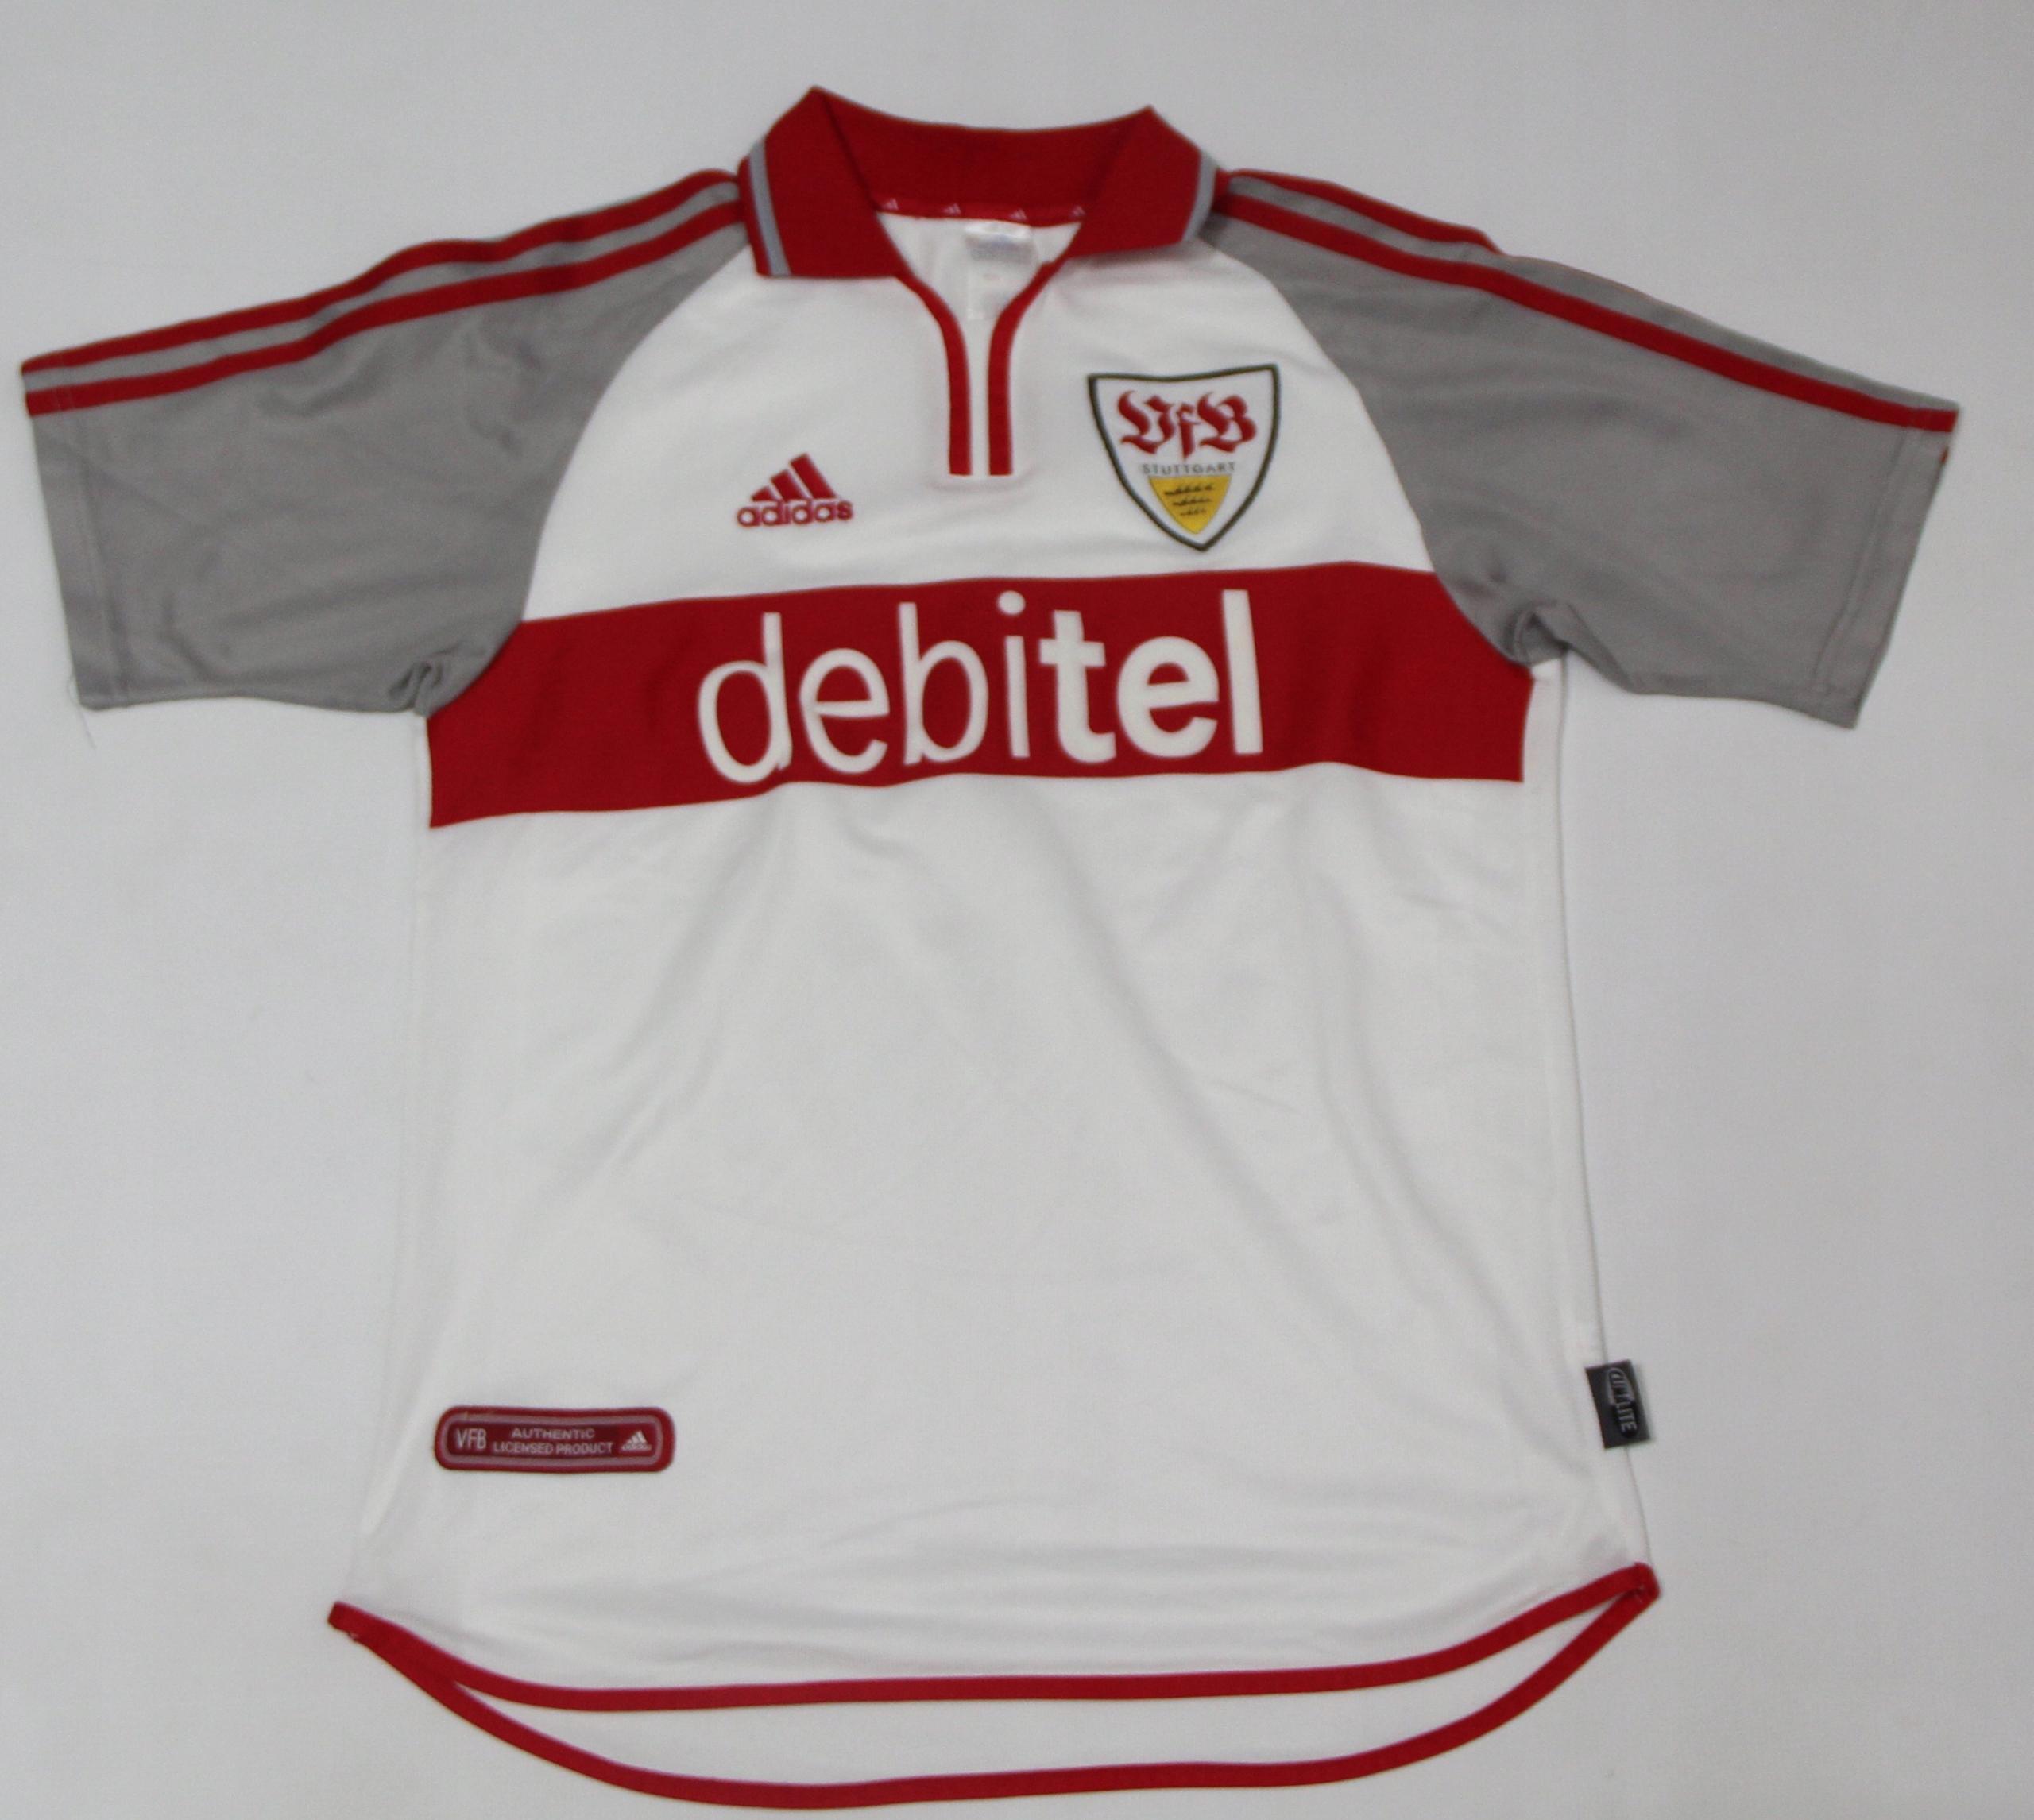 Koszulka Adidas VFB STUTTGARD Debitel